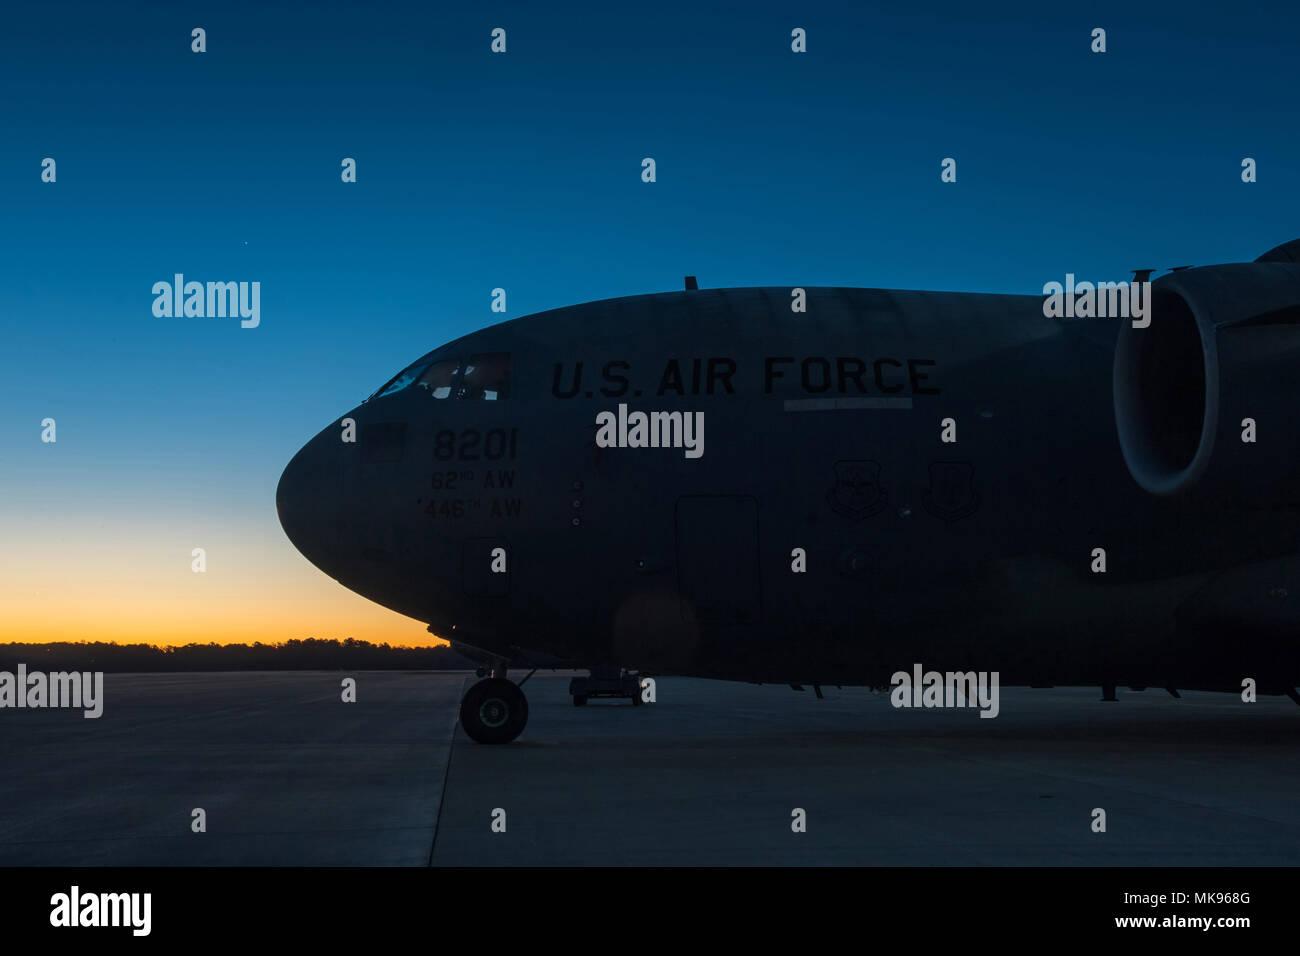 Wash Each Other Stockfotos Wash Each Other Bilder Seite 7 Alamy